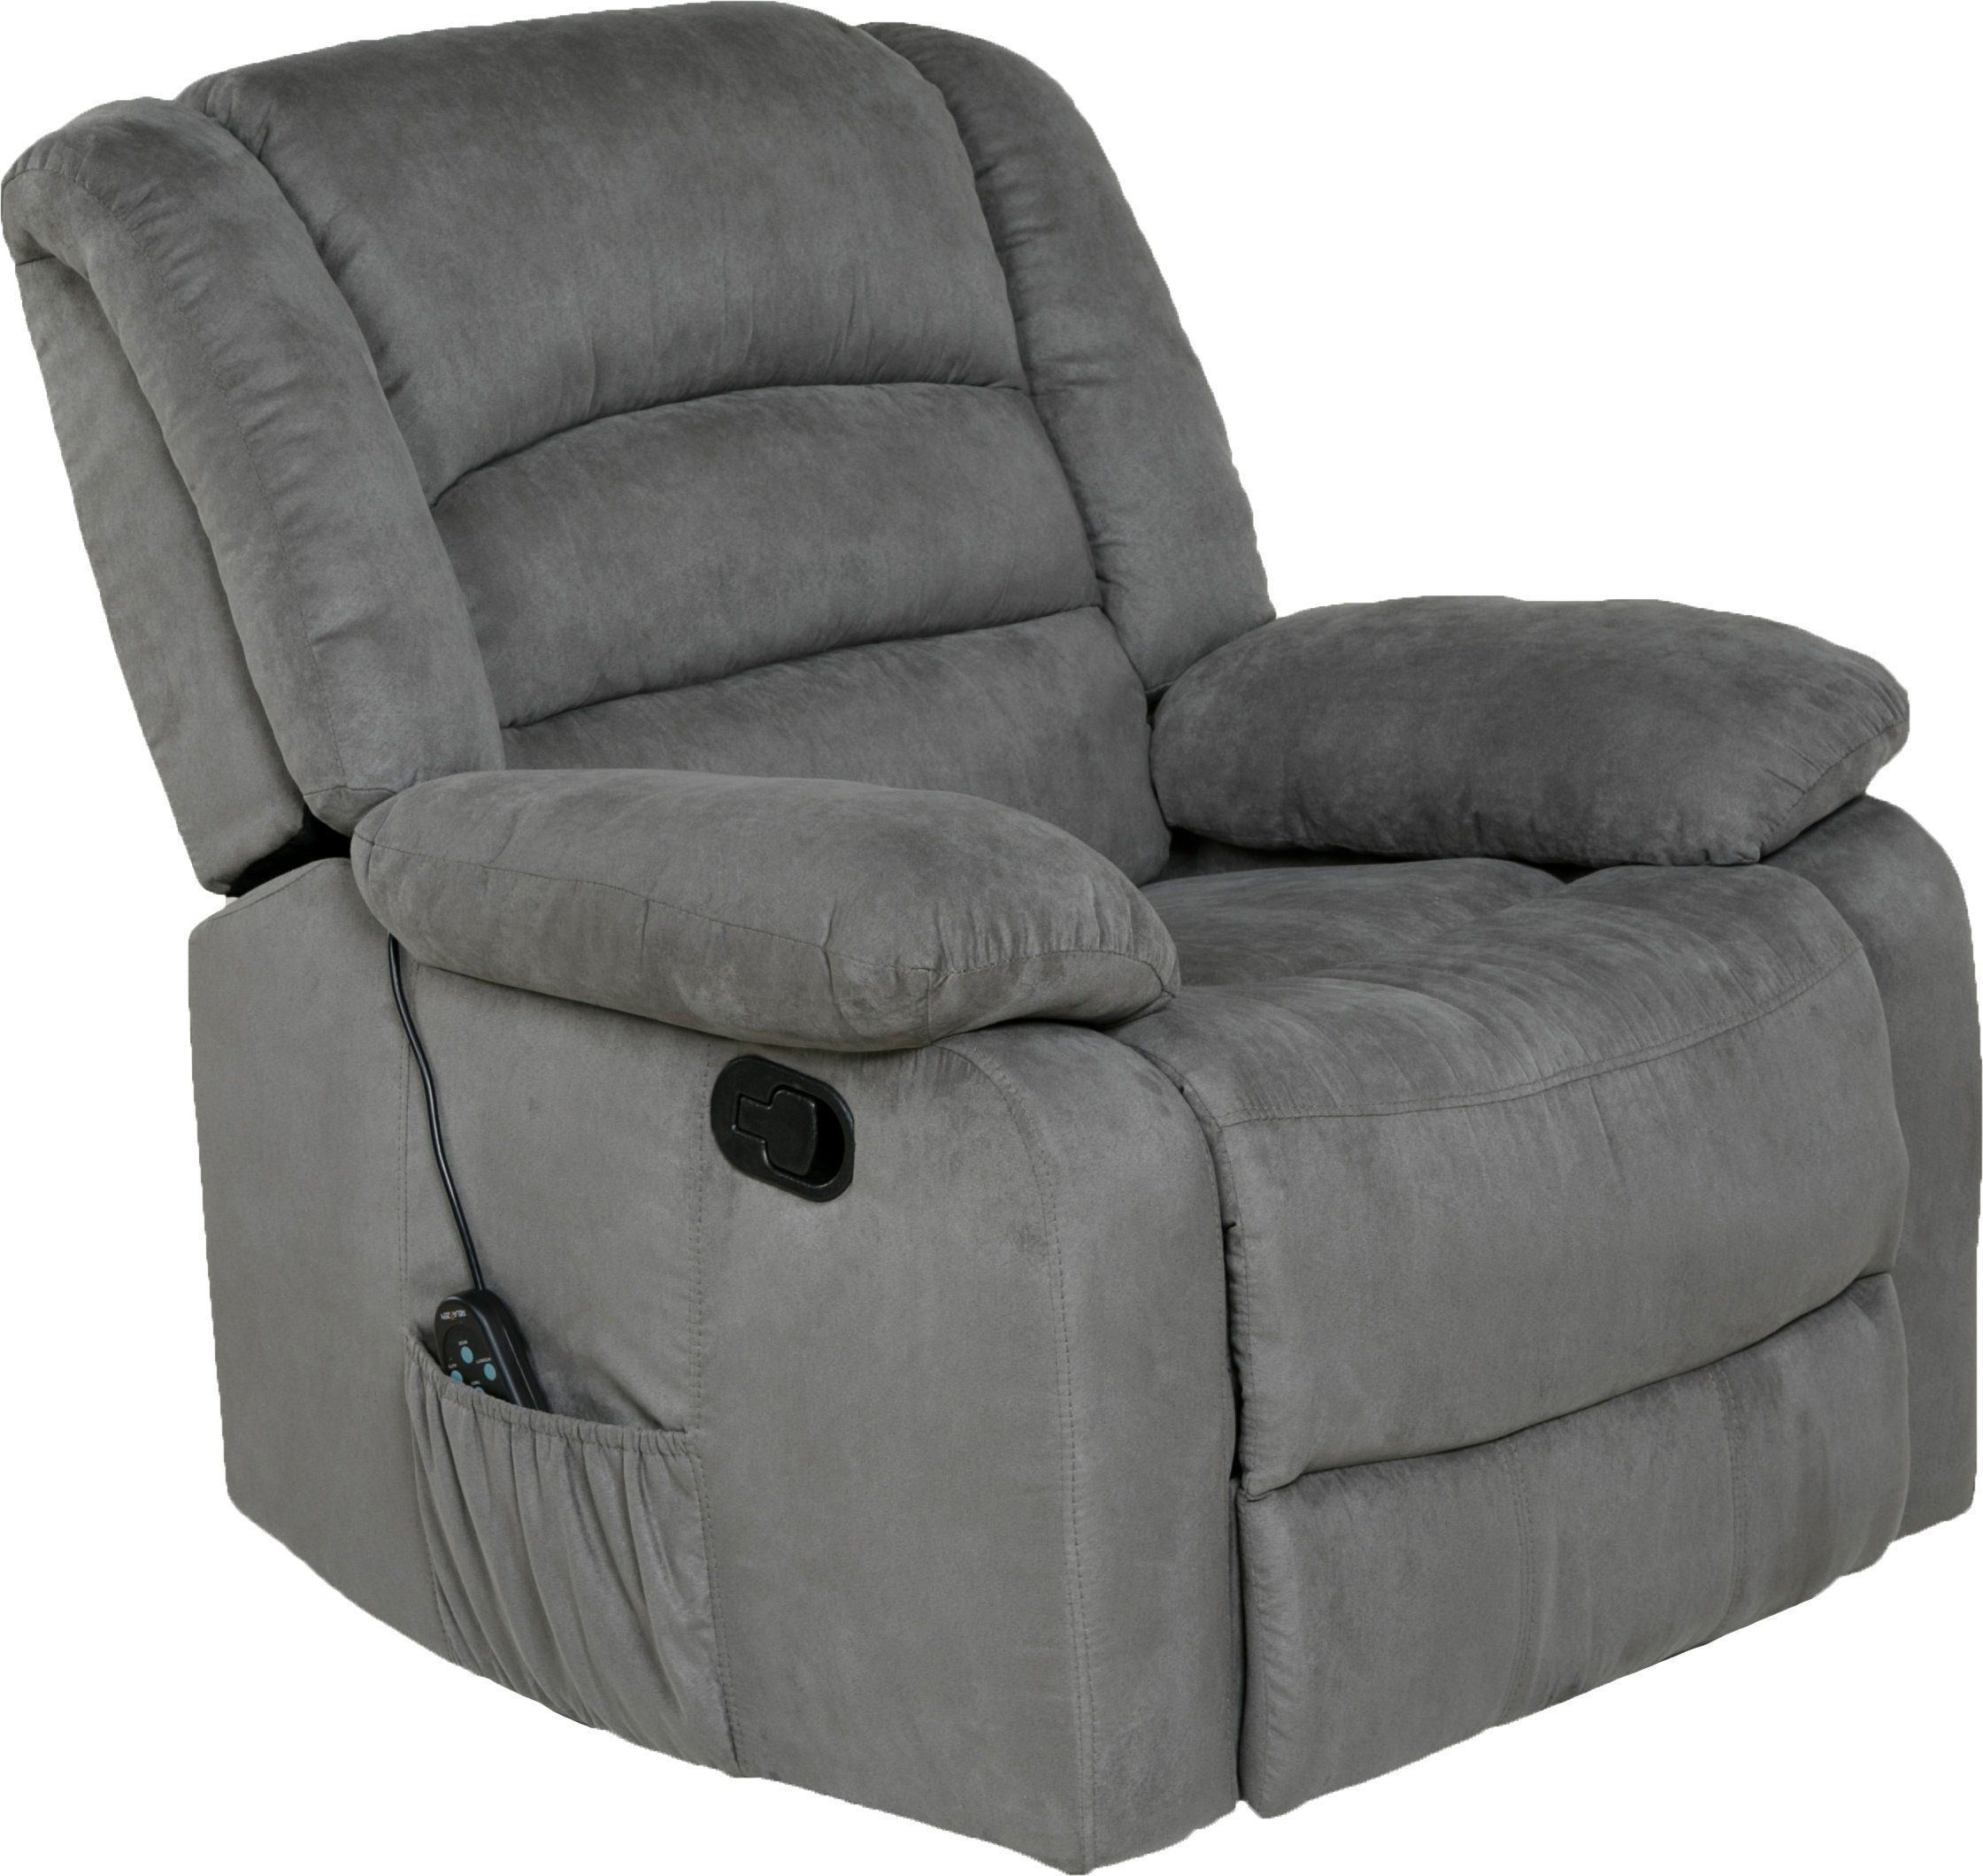 Relaxzen Massage Rocker Recliner With Heat And Usb Gray Microfiber Rocker Recliners Recliner Recliner Chair